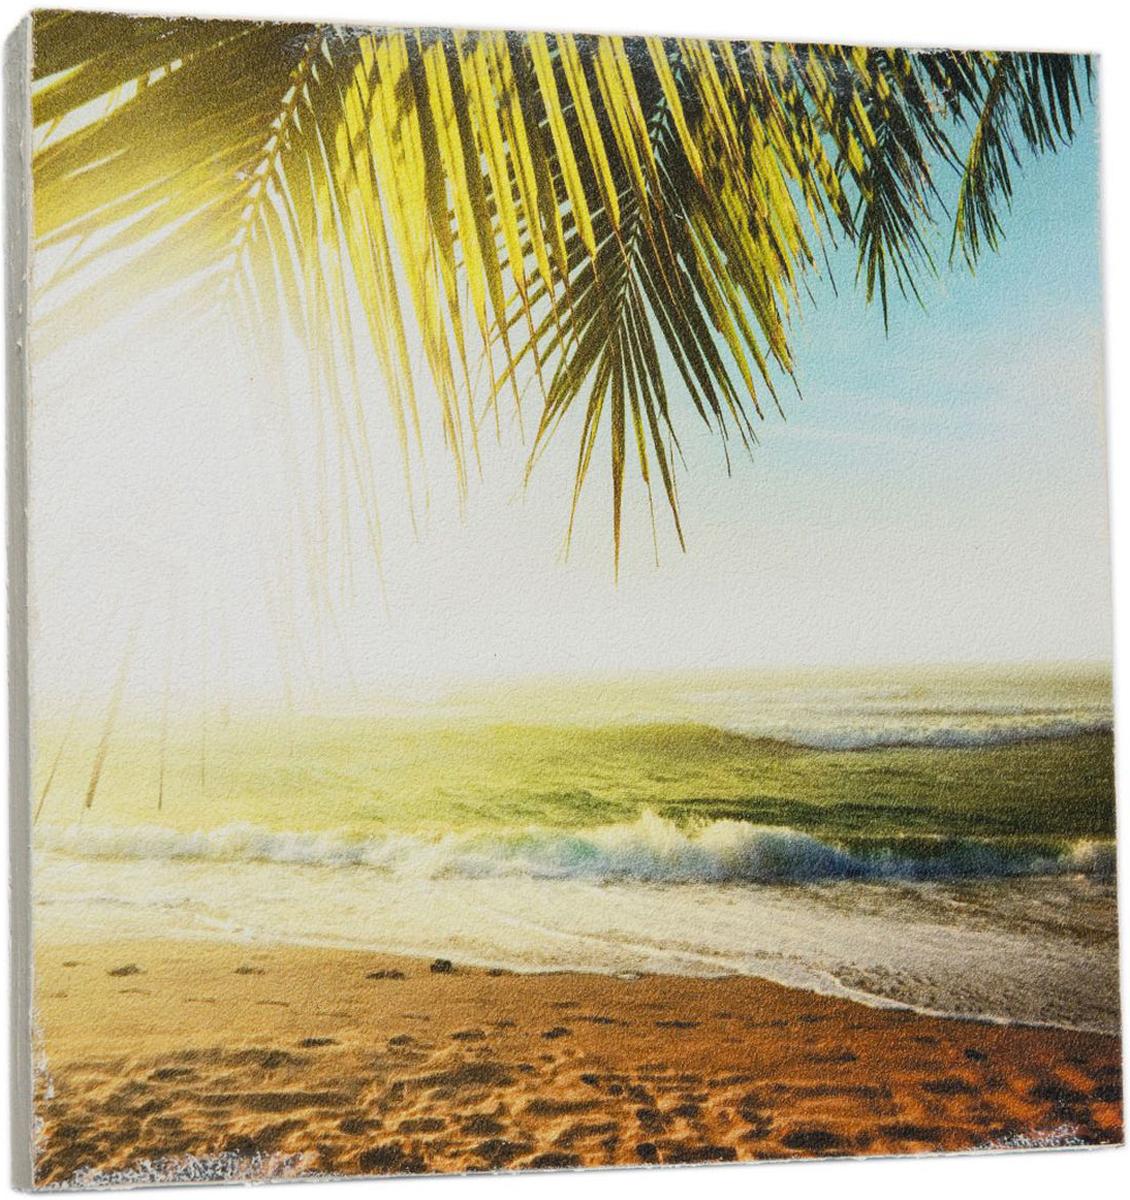 Картина Mister Poster Океан в солнечных лучах , 22 х 22 см0274-22-22Картина Mister Poster - это высококачественная репродукция на деревянной раме. Лицевая поверхность имитирует штукатурку или натуральный холст, края окрашены вручную специальным декоративным составом.Современные технологии, уникальное оборудование и оригинальные чернила, используемые при изготовлении, делают постер устойчивым к выцветанию, а также гарантируют стойкость к воздействию негативных внешних факторов. Интерьер дома и офиса, в котором находится человек, в значительной степени влияет на его настроение и работоспособность. Правильное оформление интерьера создает благоприятный психологический климат, улучшает настроение и мотивирует. Добавьте «красок» в ваш интерьер и, возможно, в вашу жизнь.